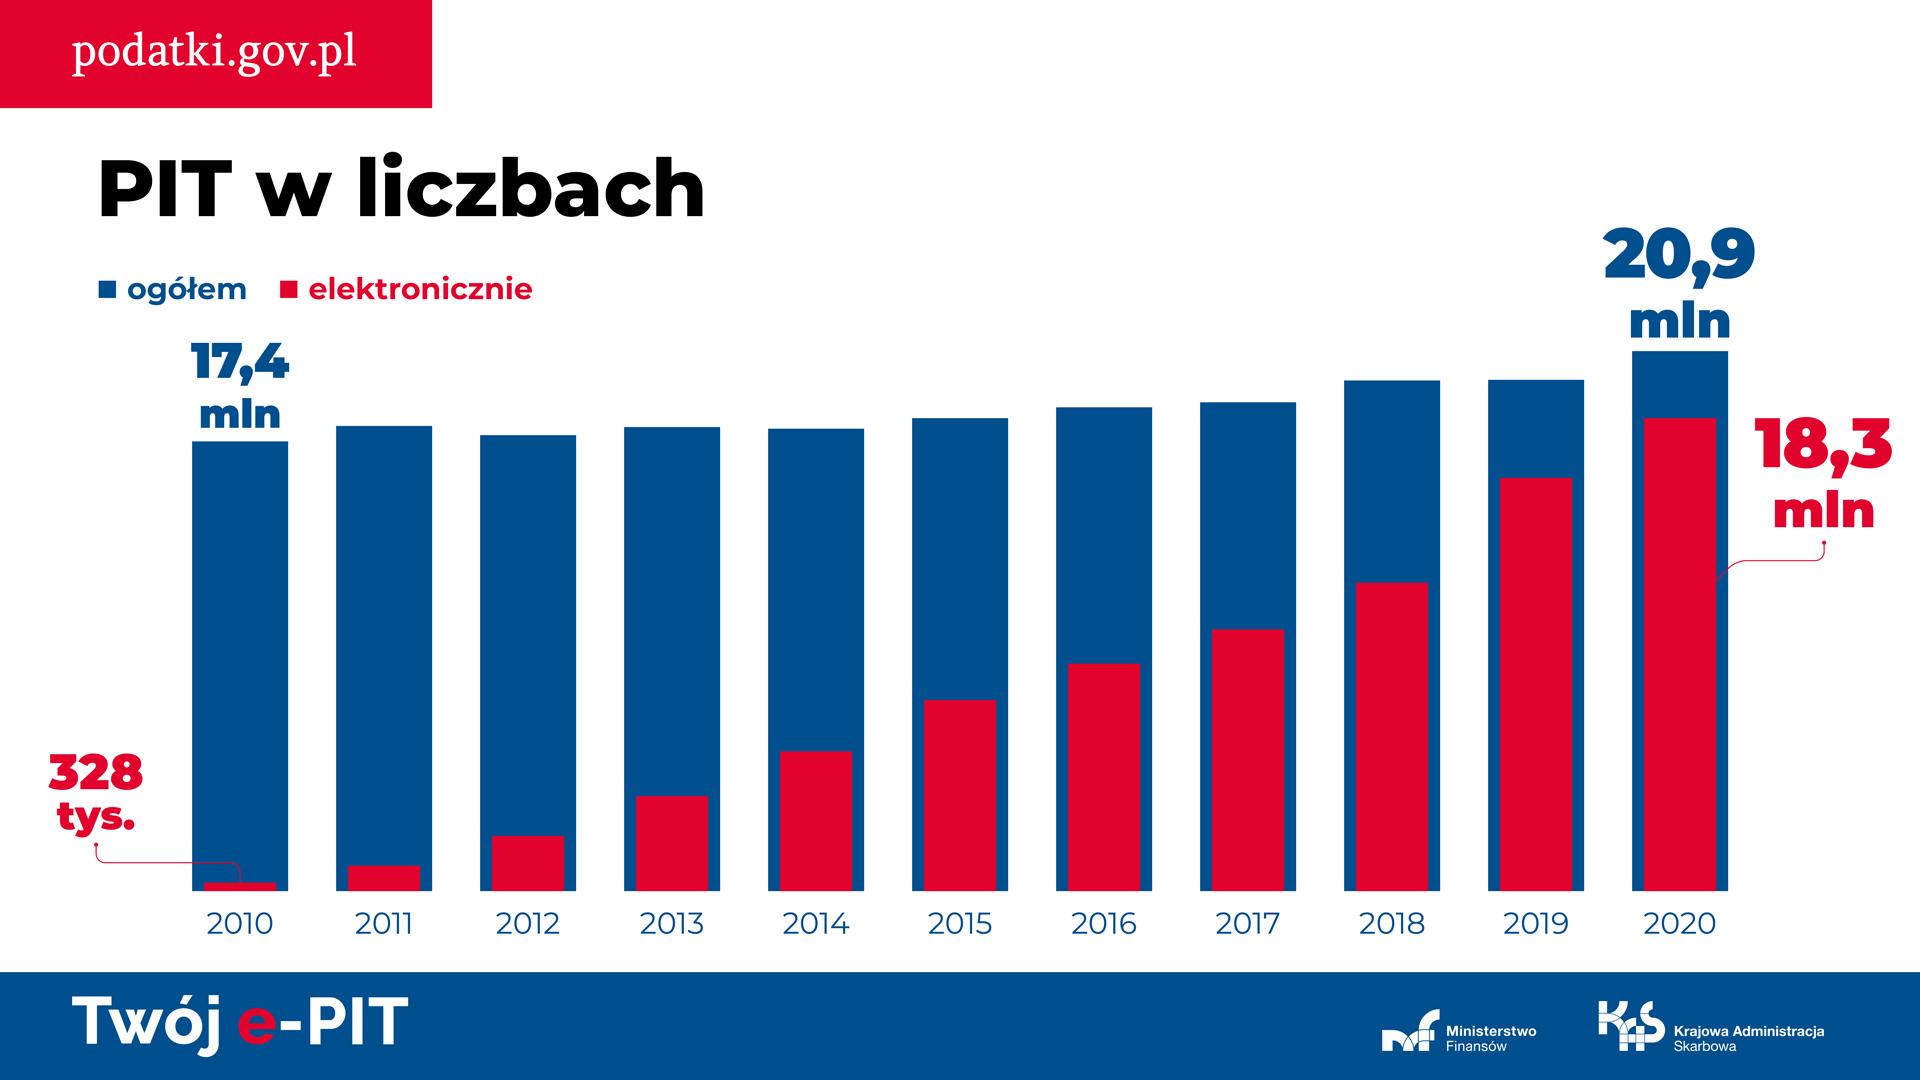 Grafika z wykresem słupkowym pt. PIT w liczbach. Wykres przedstawia dwie kategorie danych: liczbę PIT-ów składanych ogółem oraz liczbę PIT-ów składanych elektronicznie - na skali czasu (od 2010 roku do 2020 roku). Słupki dotyczące liczby PITów ogółem utrzymują się na podobnym poziomie (nieznacznie rosną z roku na rok), a słupki dotyczące PITów elektronicznych - systematycznie z roku na rok są coraz wyższe. Liczby są wpisane jedynie dla roku 2010 (17,4 mln PITów ogółem oraz 328 tys. PITów elektronicznych) i dla roku 2020 (20,9 mln PITów ogółem oraz 18,3 mln PITów elektronicznych).